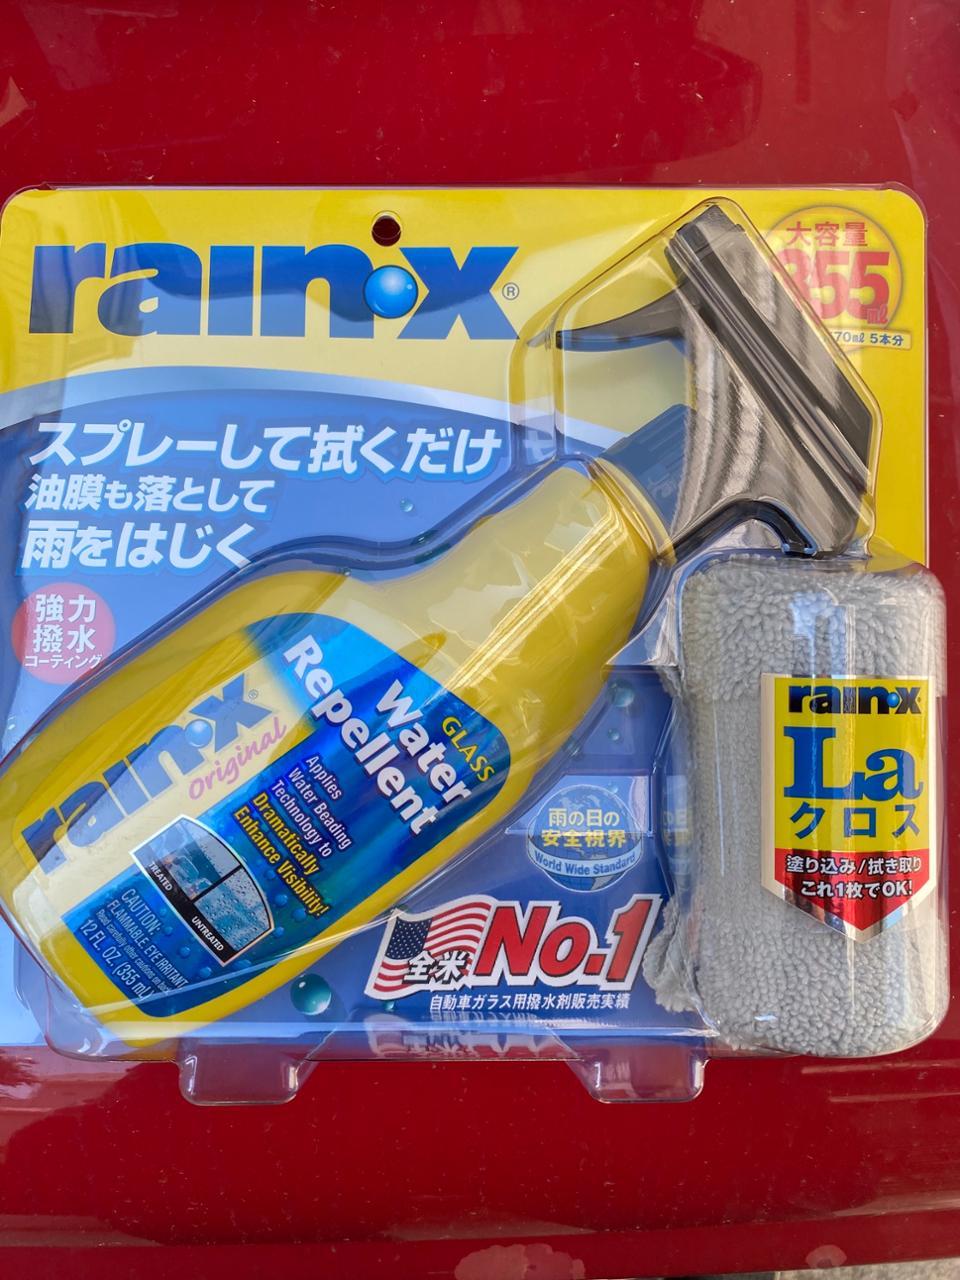 rainax ガラス、ウインドウケア